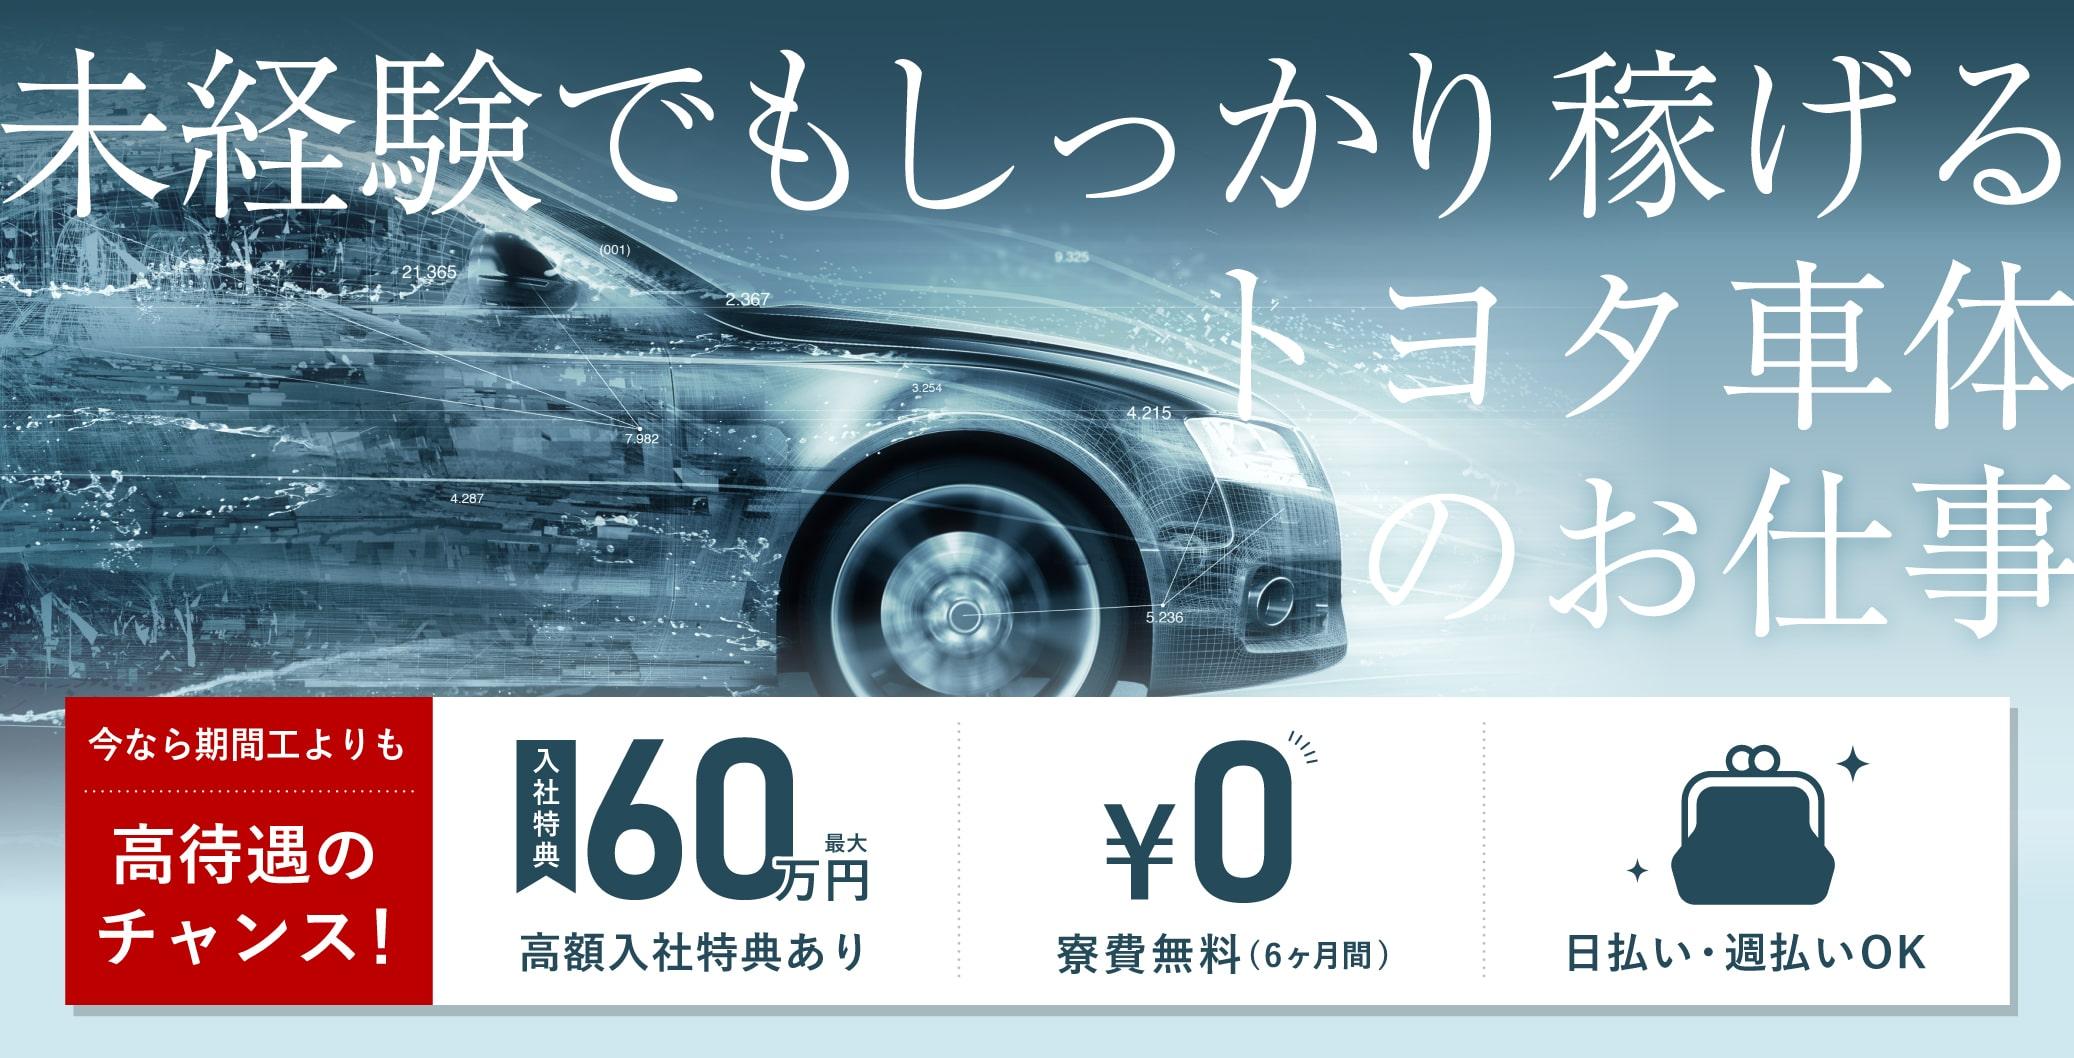 トヨタ車体訴求画像